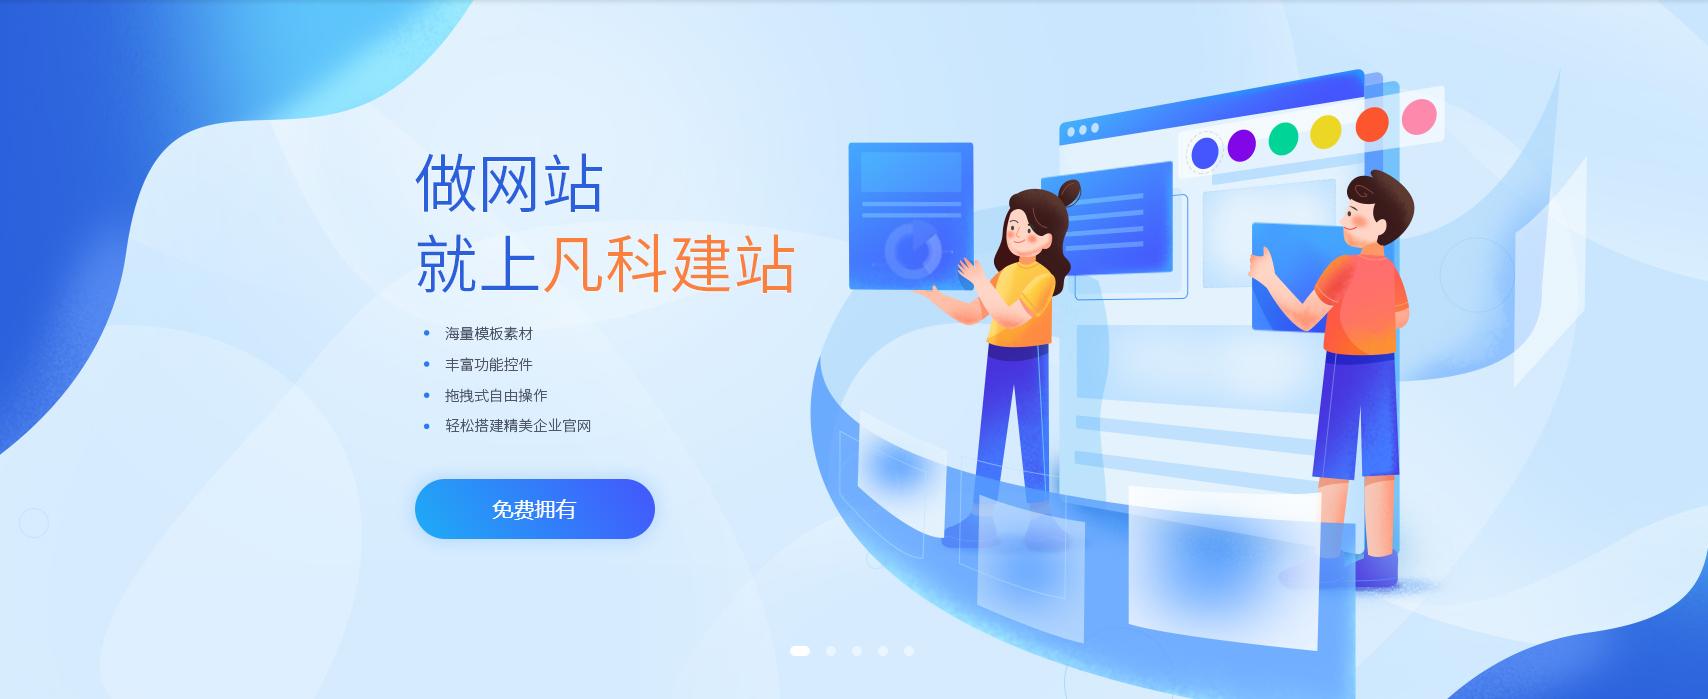 企业建设电商网站